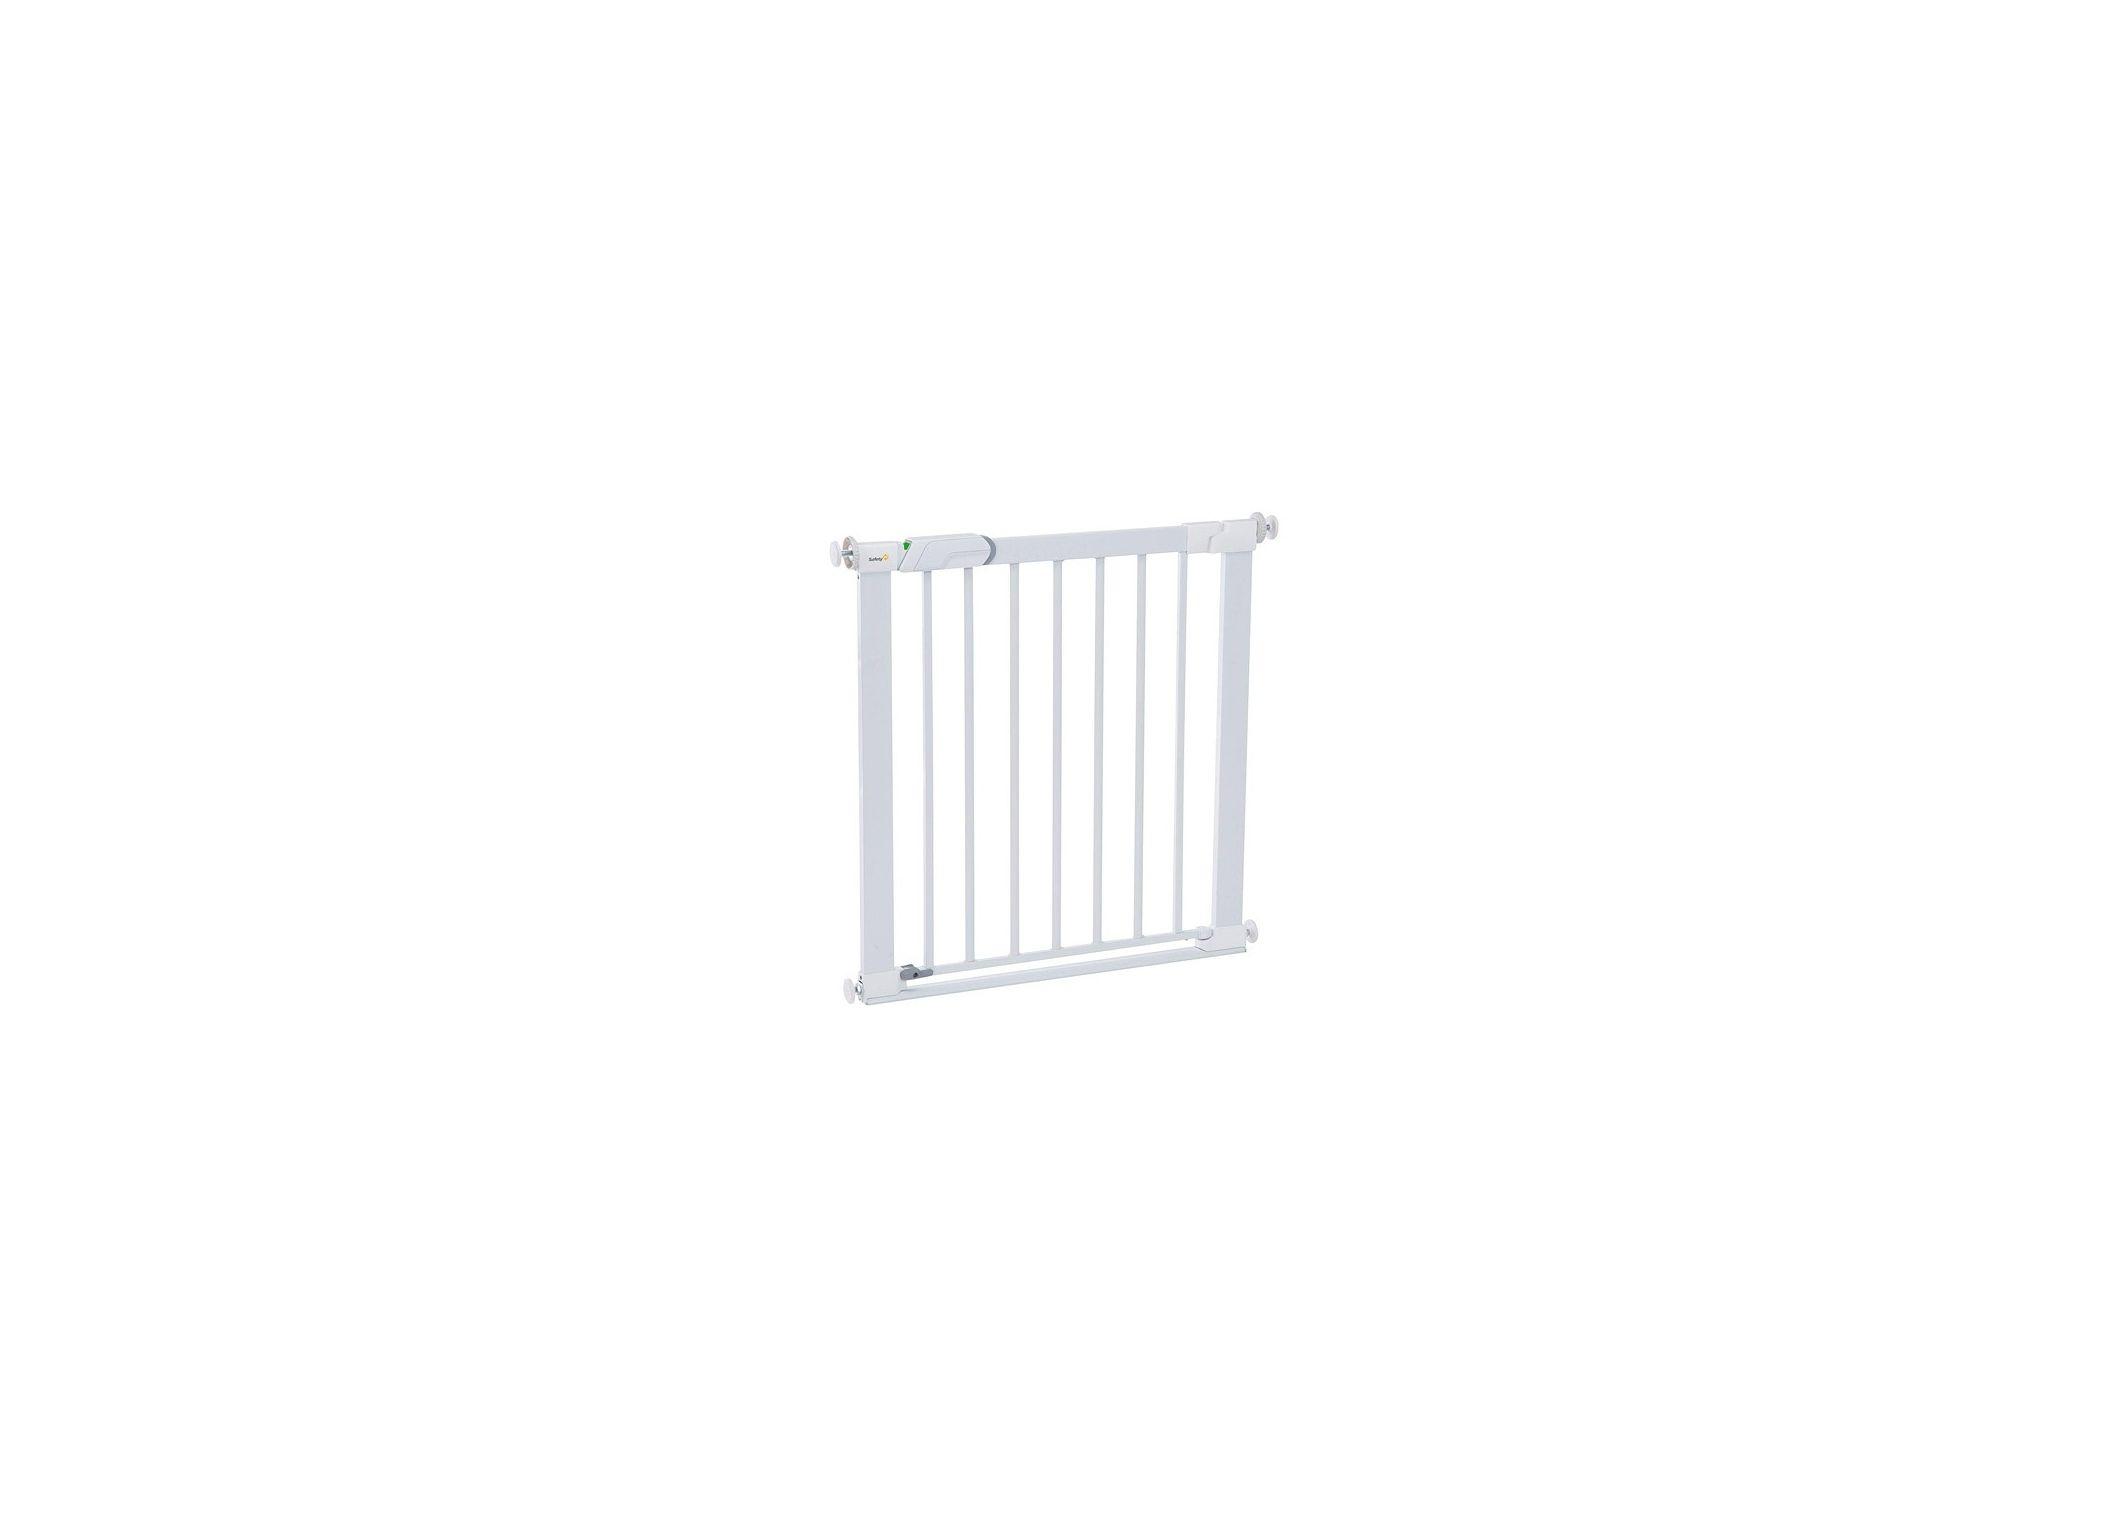 Barrière de Sécurité SecurTech Flat Step Porte Métale Safety 1st